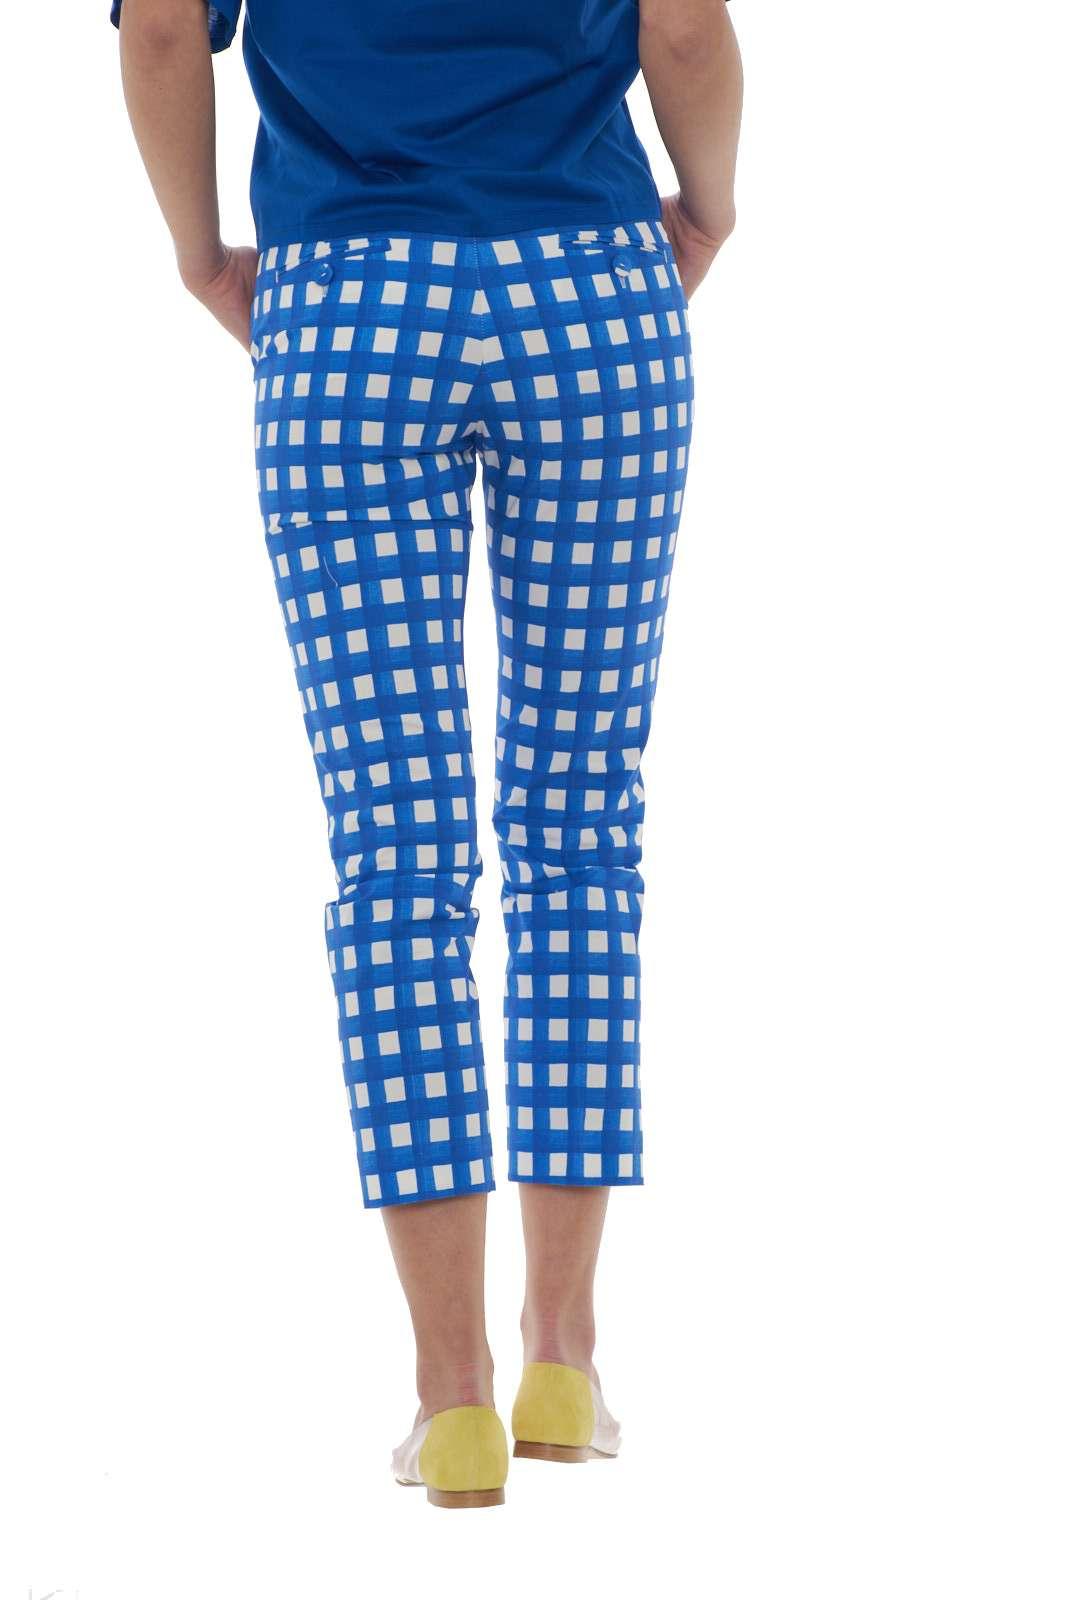 https://www.parmax.com/media/catalog/product/a/i/PE-outlet_parmax-pantalone%20donna-MaxMara-51310401-C.jpg